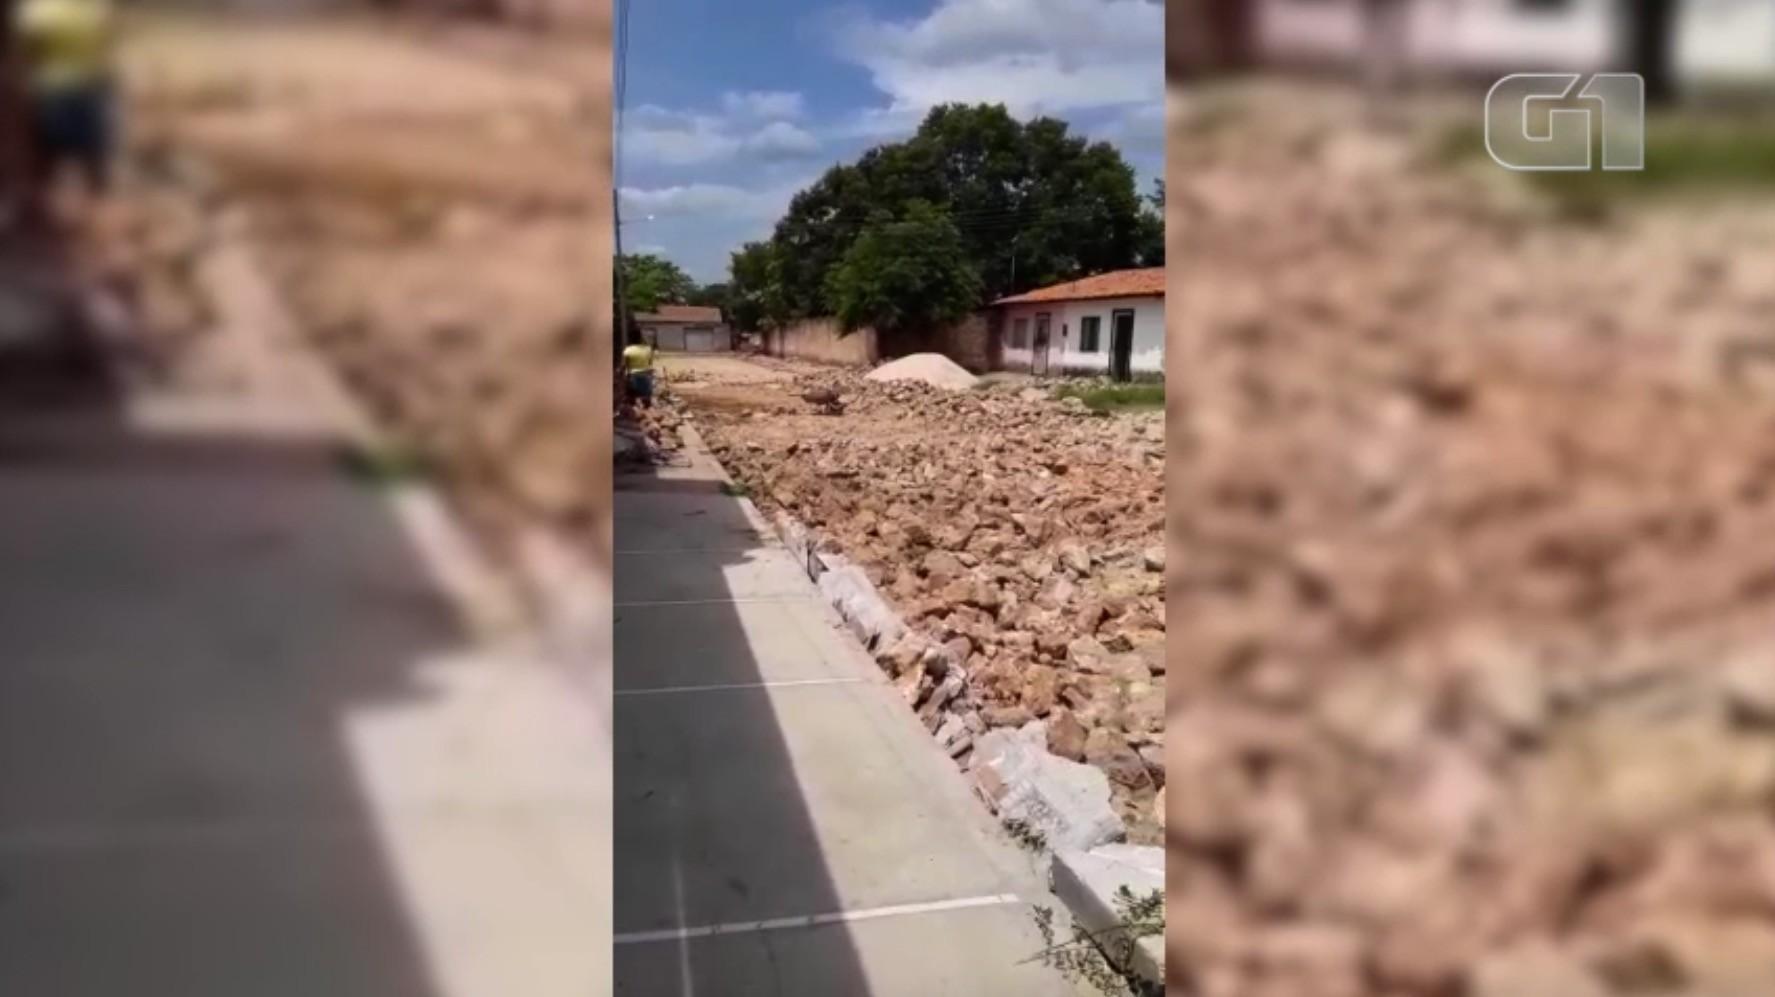 Rua em obras há 15 dias impede entrada de veículos e dificulta acesso a pessoas doentes em Teresina